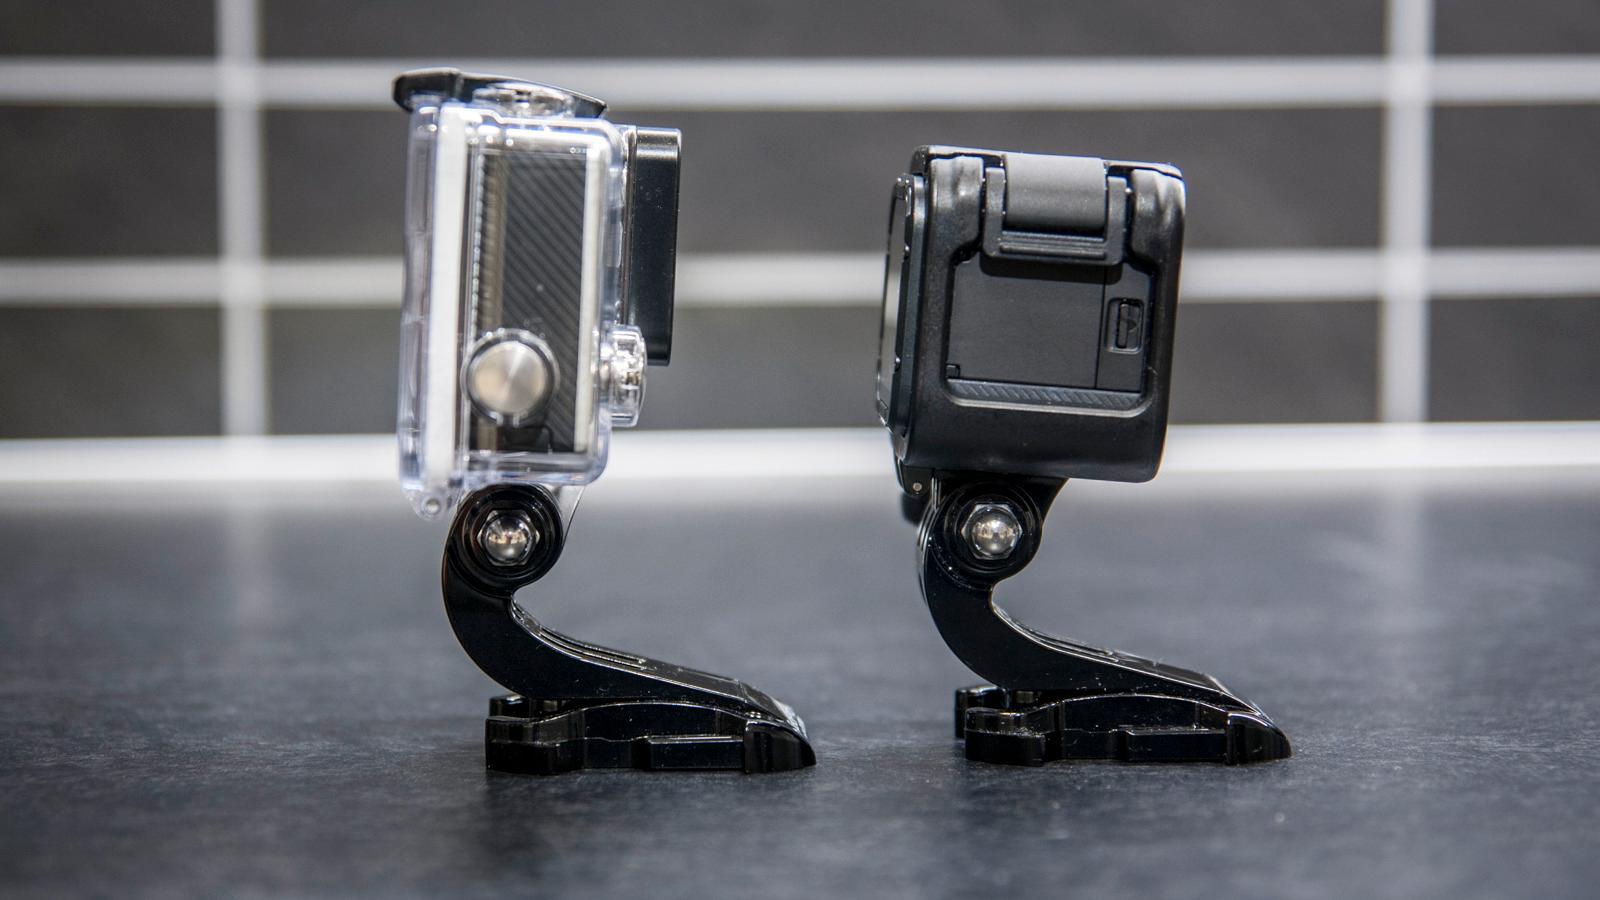 Kubeformen gjør kameraet noe tykkere enn storebror GoPro Hero4 Black. Foto: Kristoffer Møllevik